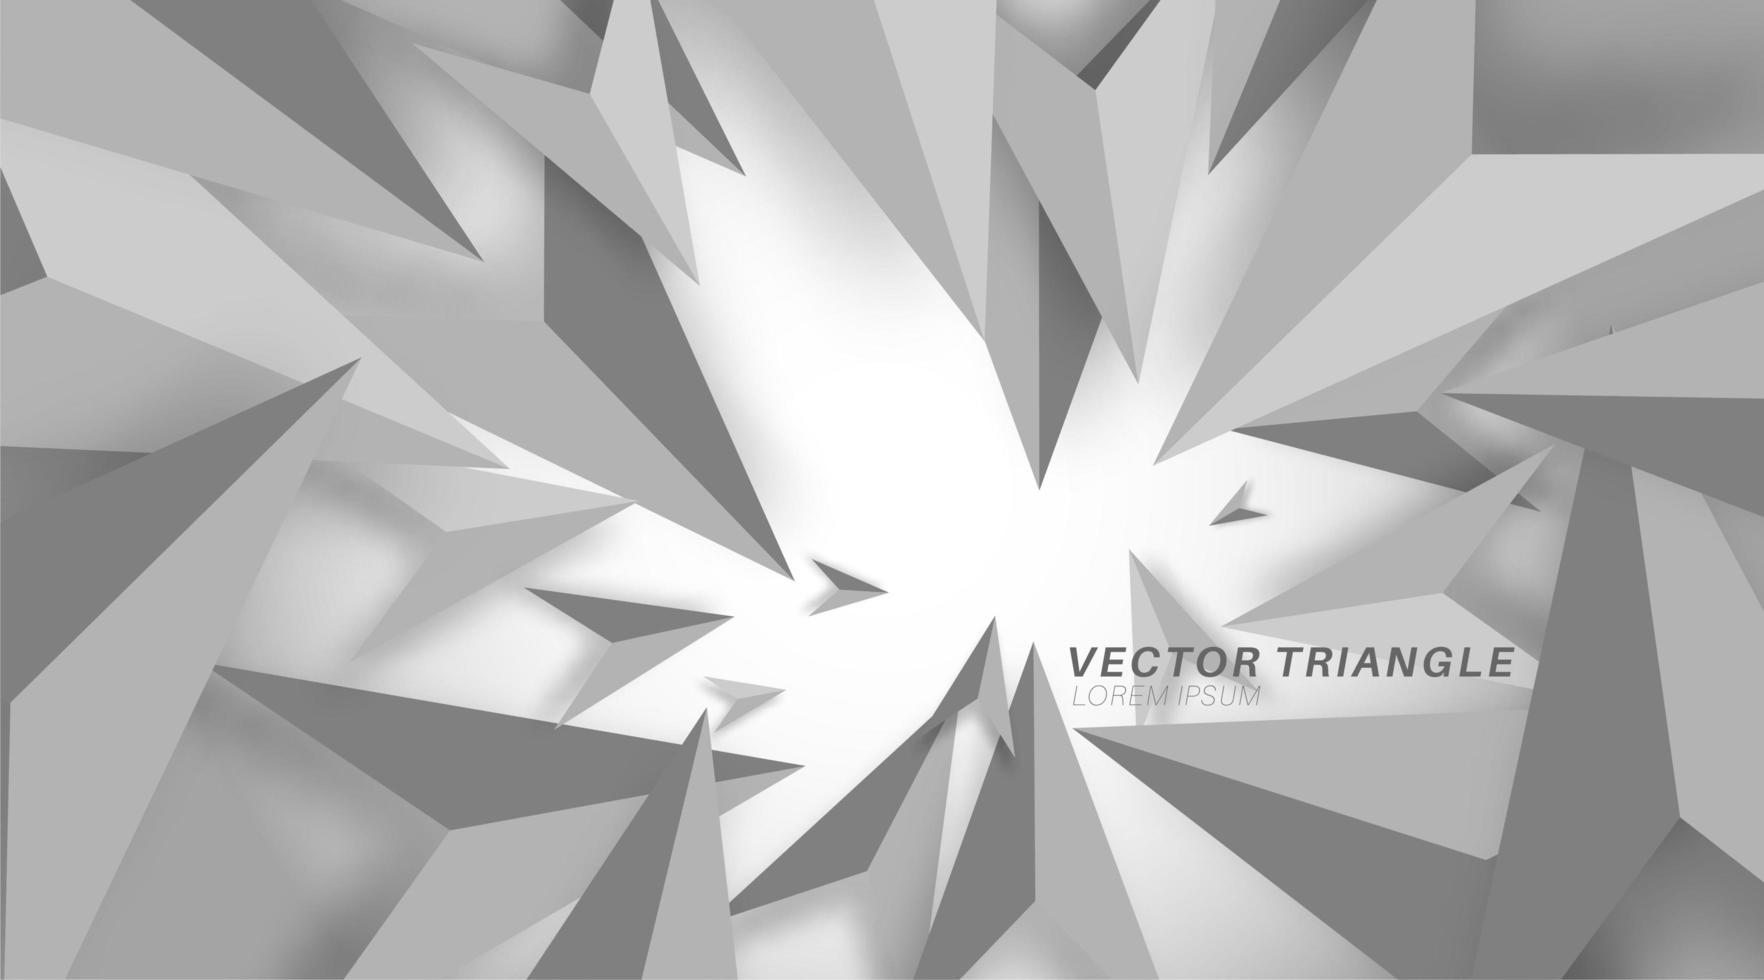 grijze achtergrond met 3D geometrische vormen. achtergrond met 3D-polygonen. achtergrond met vallende driehoeken vector